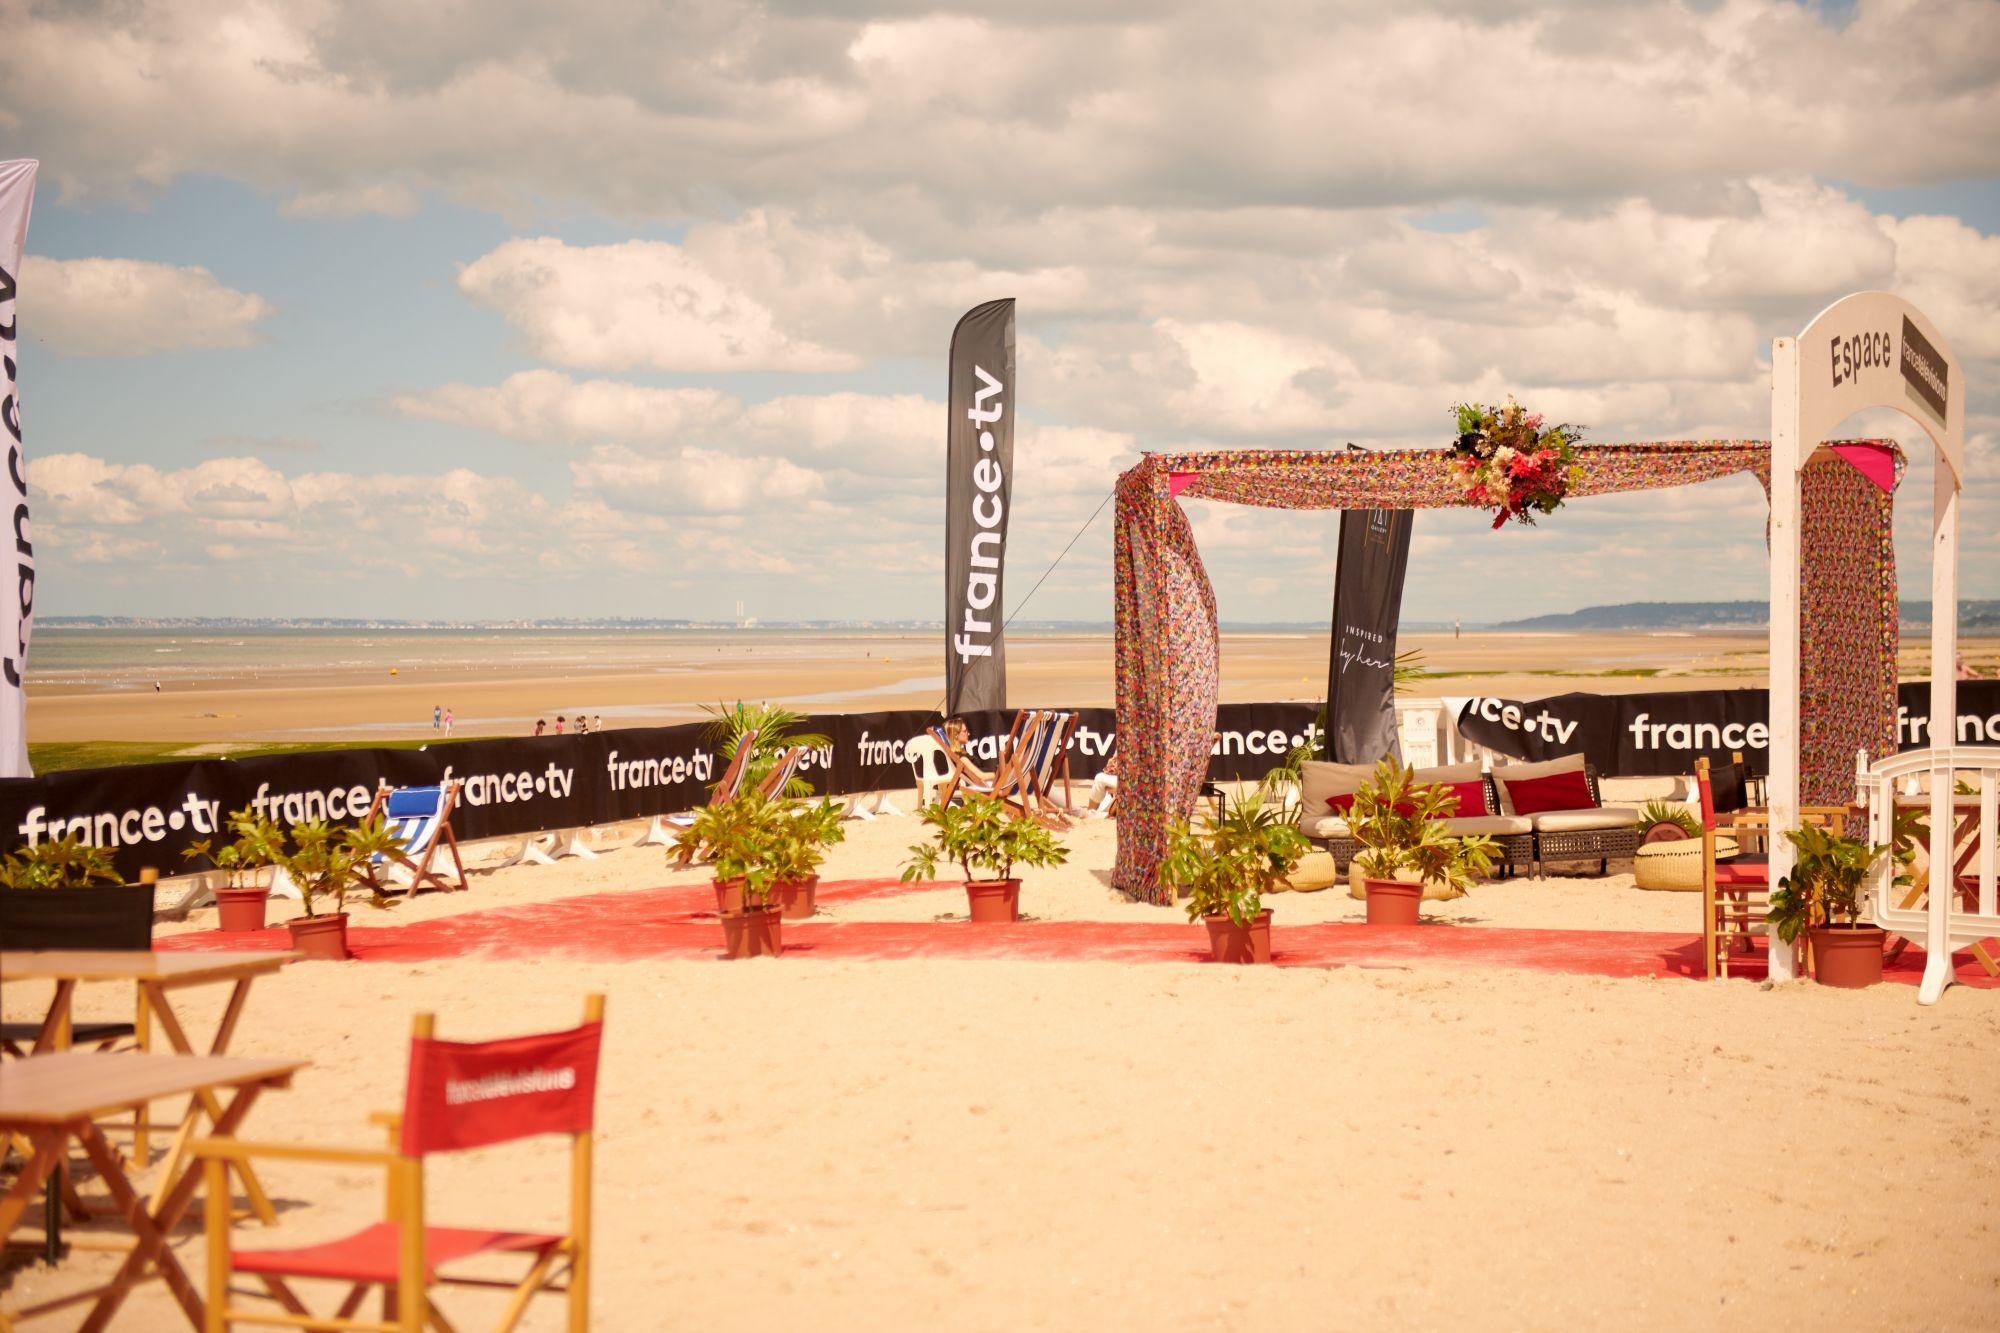 l'Espace plage France Télévisions avec l'arche MGallery Hôtel Collection